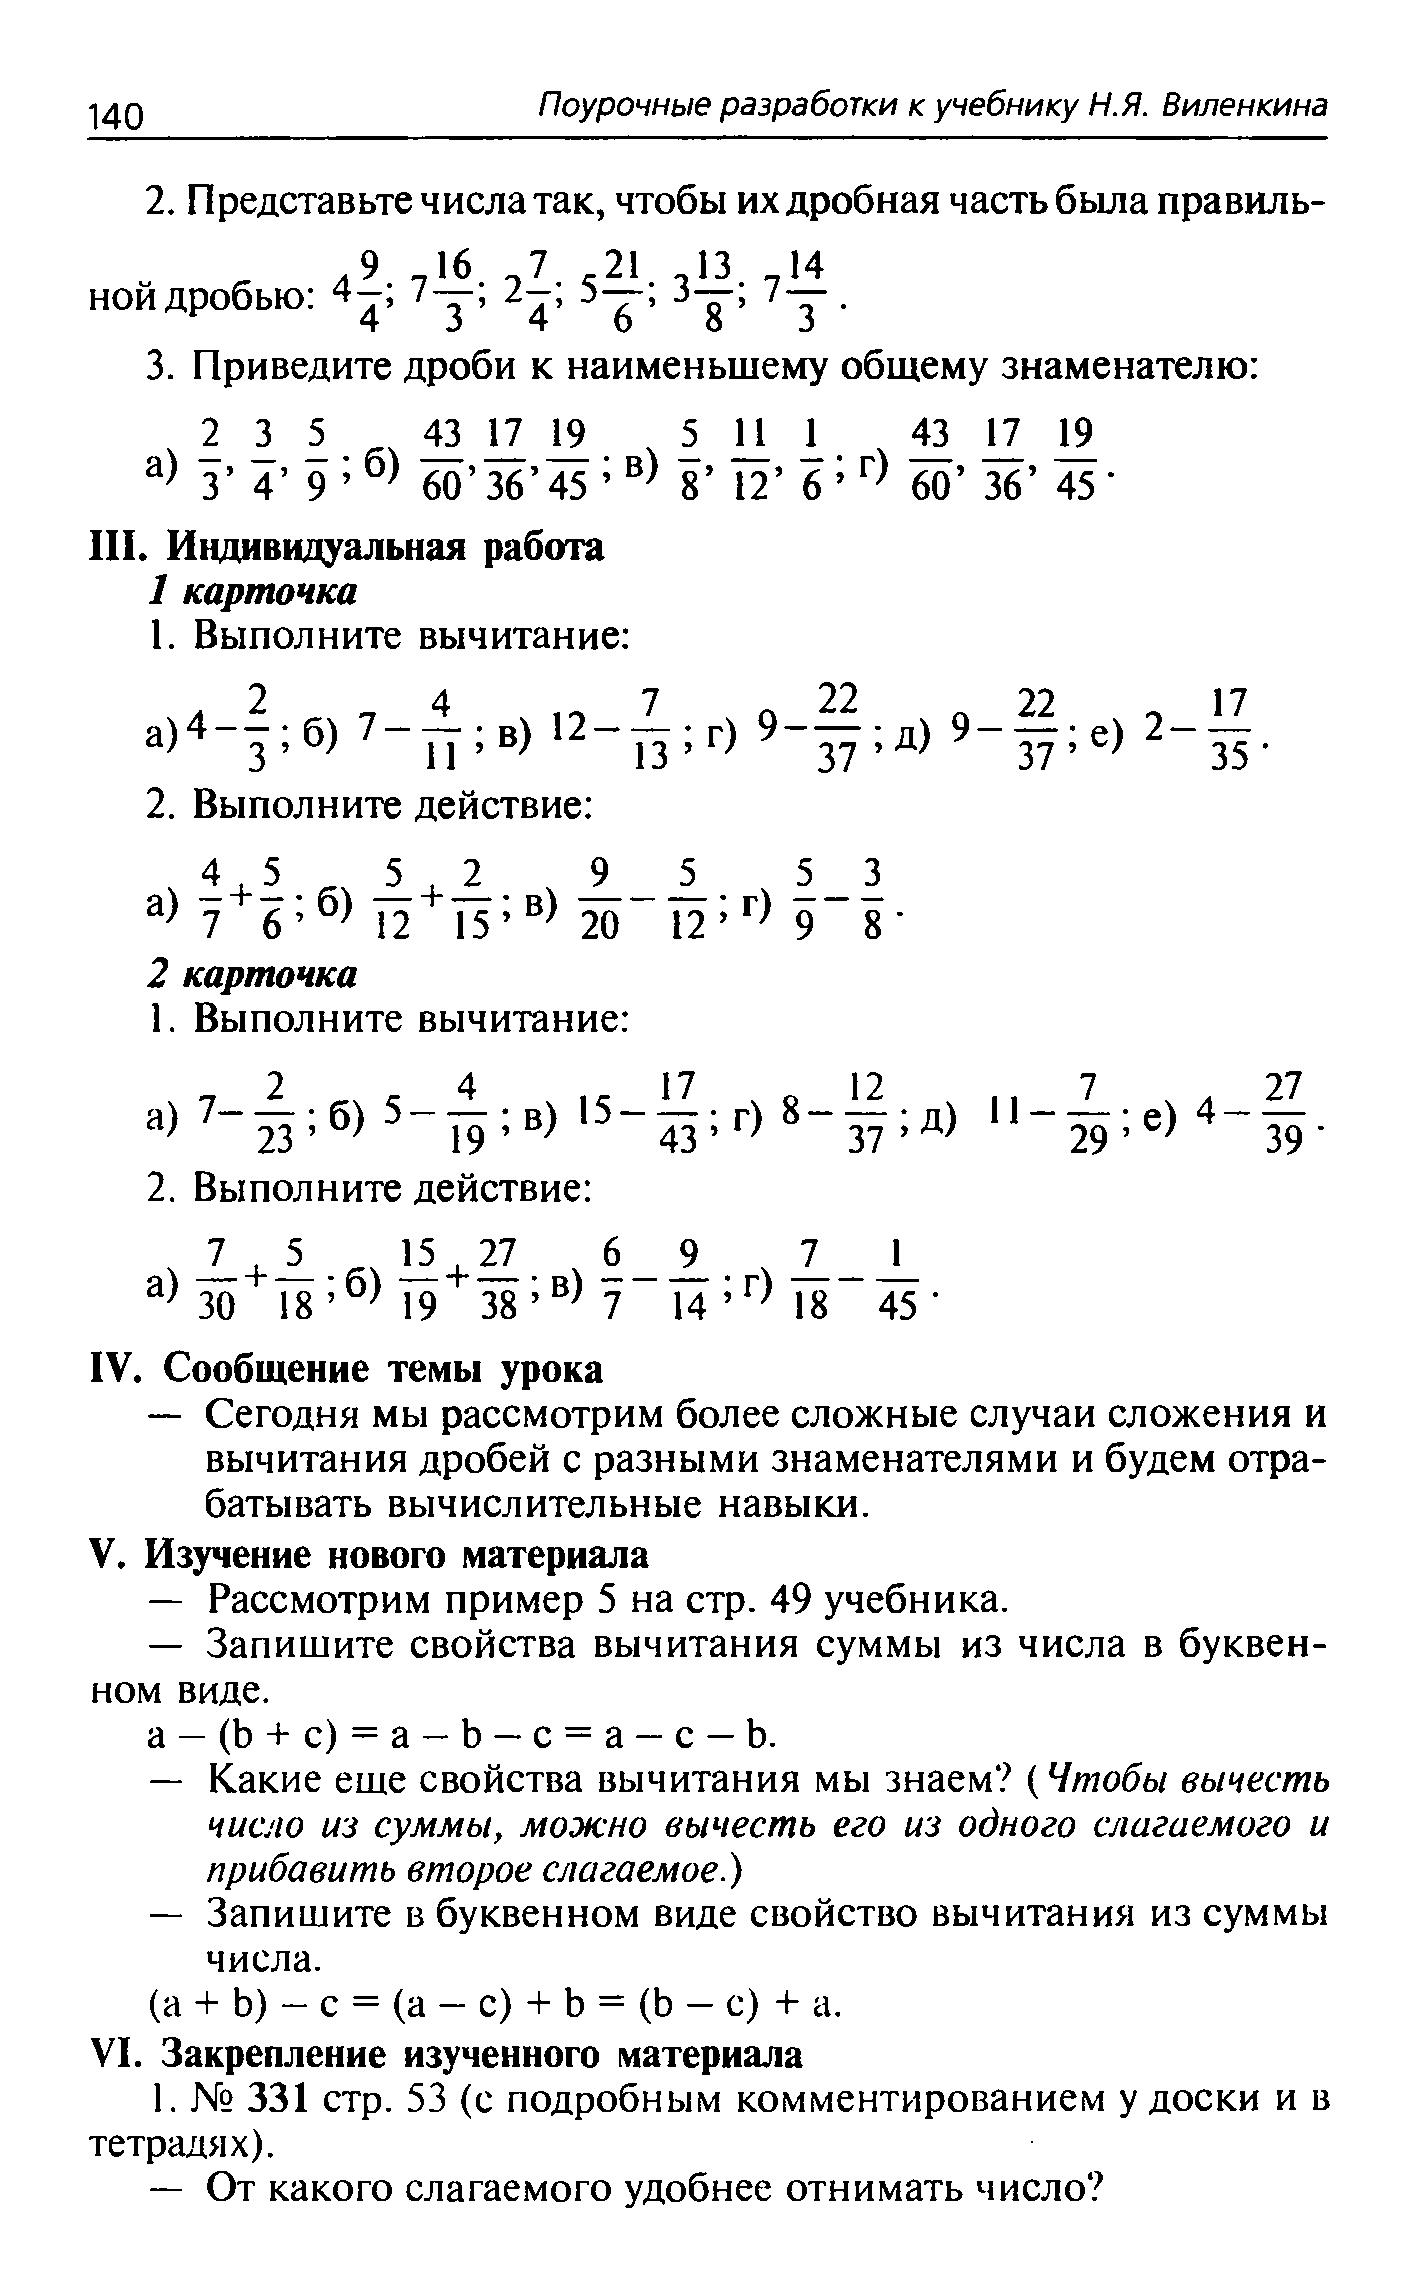 D:\Users\Марина\МОУ СОШ №2\6 класс\2014 - 2015 уч г\6 класс\КОНСПЕКТЫ УРОКОВ\I ЧЕТВЕРТЬ\Числовые и буквенные выражения.Уравнения\подготовка К. р. №2\0140_0001.bmp